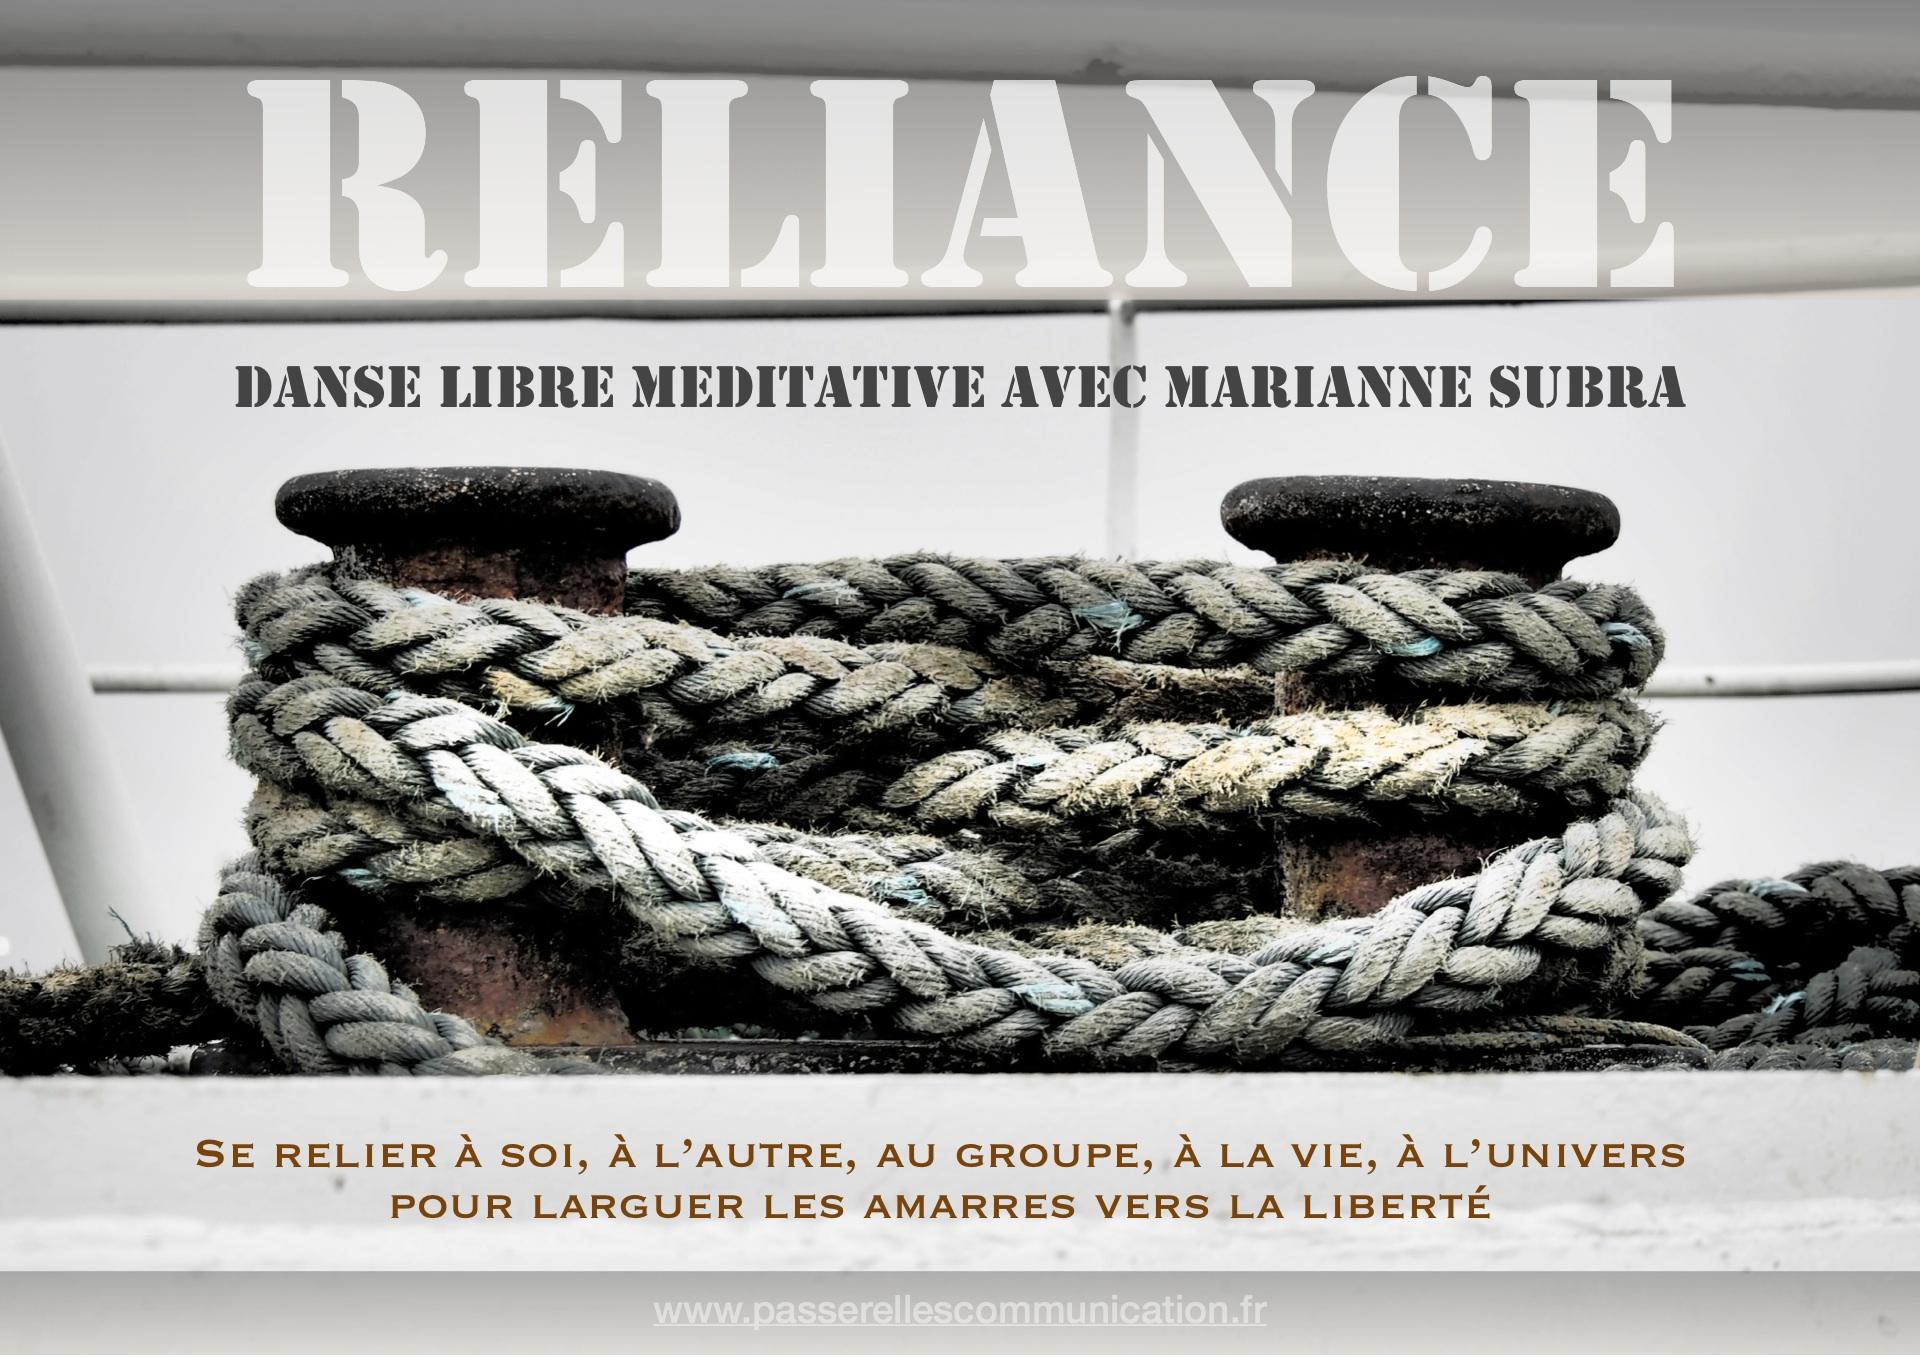 Reliance, Danse Libre Méditative avec Marianne Subra